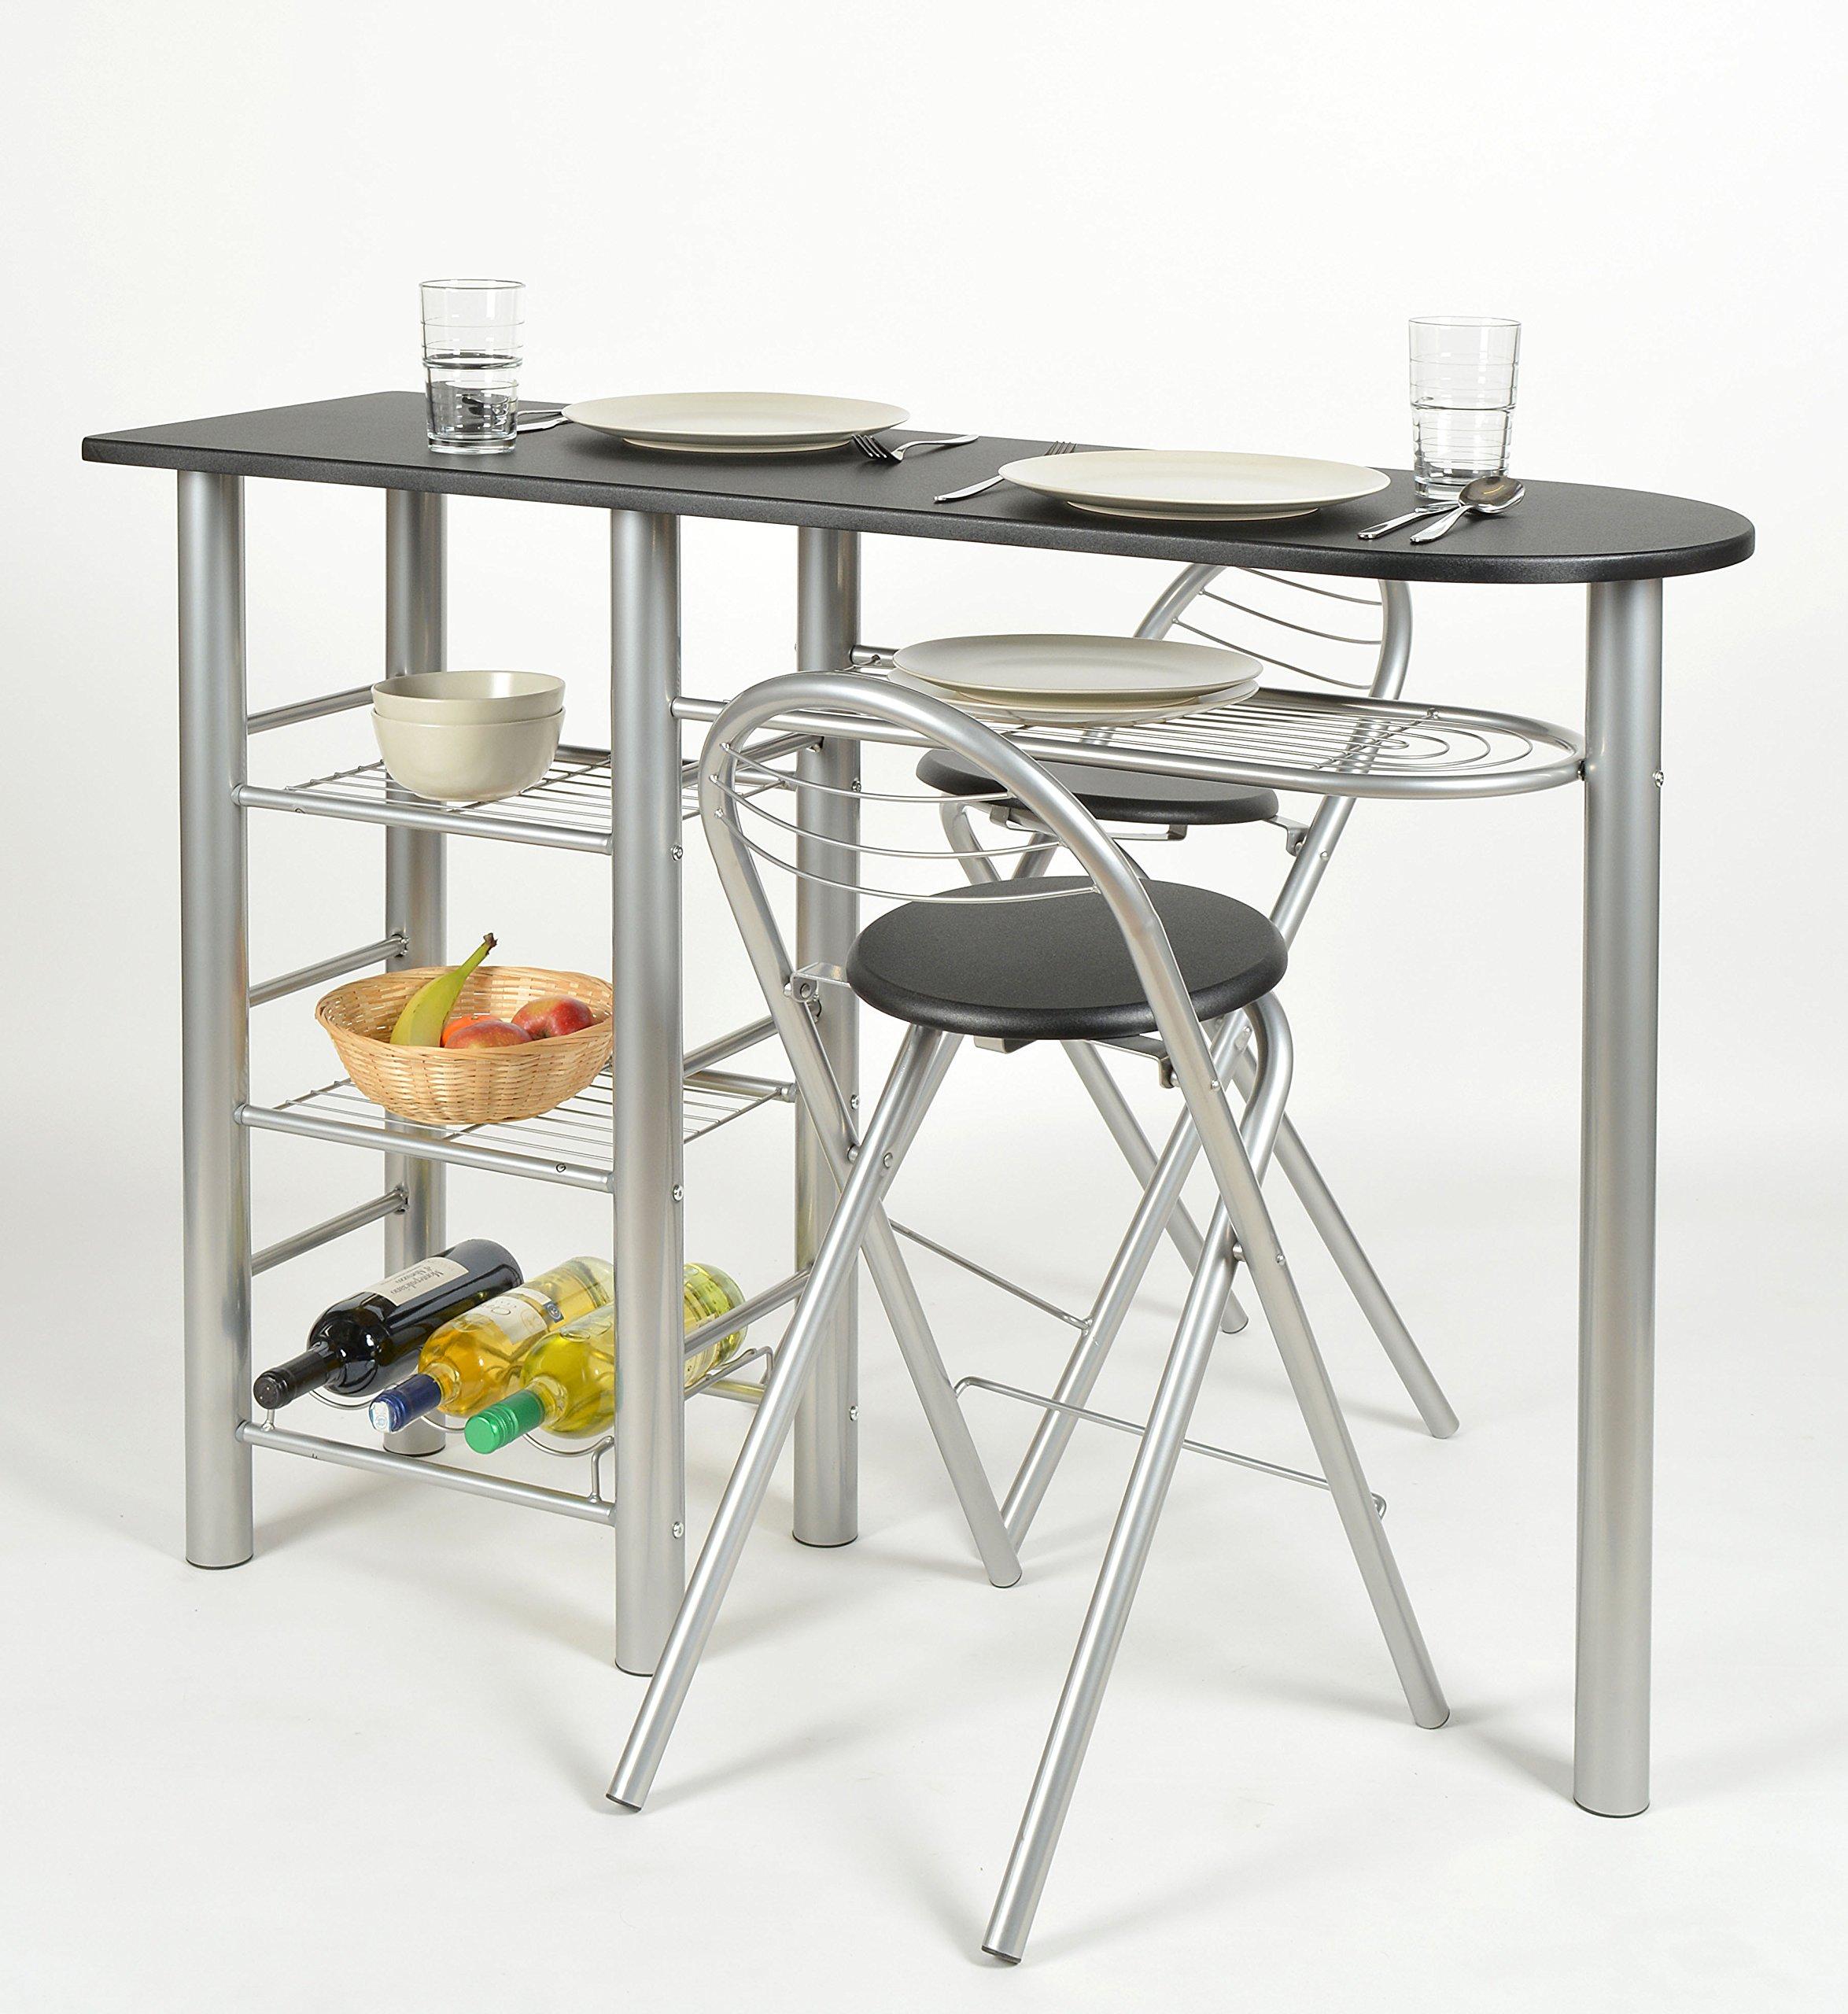 ts-ideen Set 3 pezzi Tavolo con 2 sgabelli in Alluminio e MDF color Nero  per Cucina o Sala da Pranzo